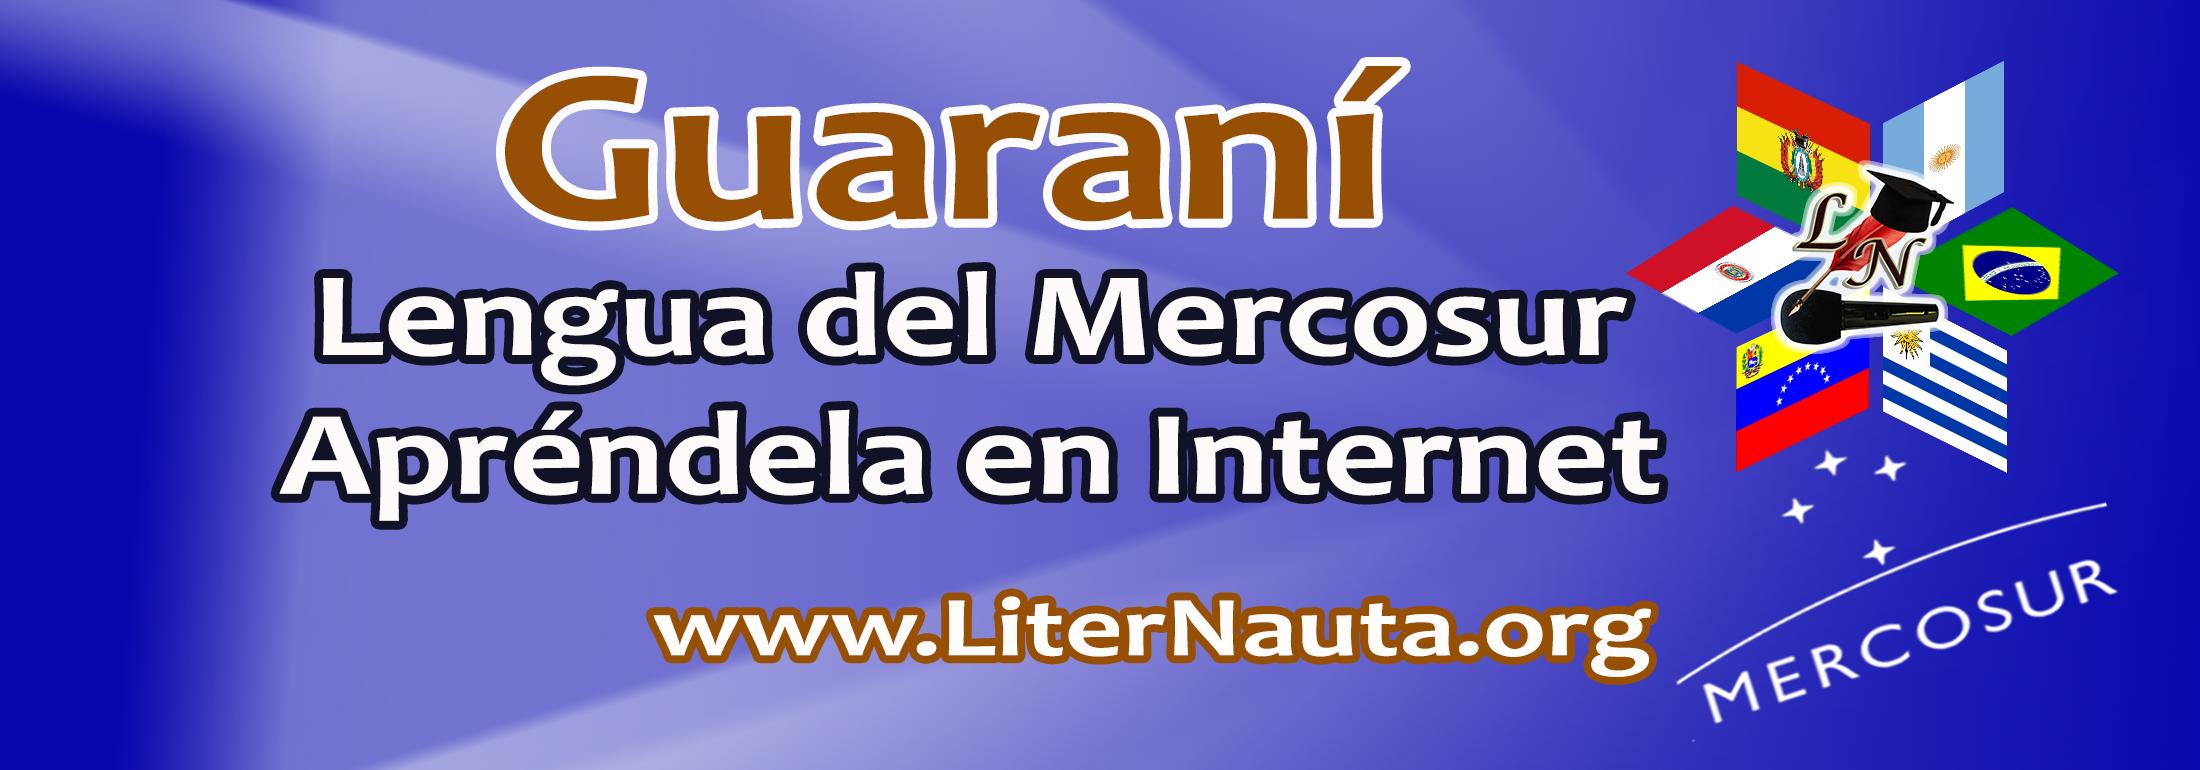 lengua-guarani-online_liternauta_2